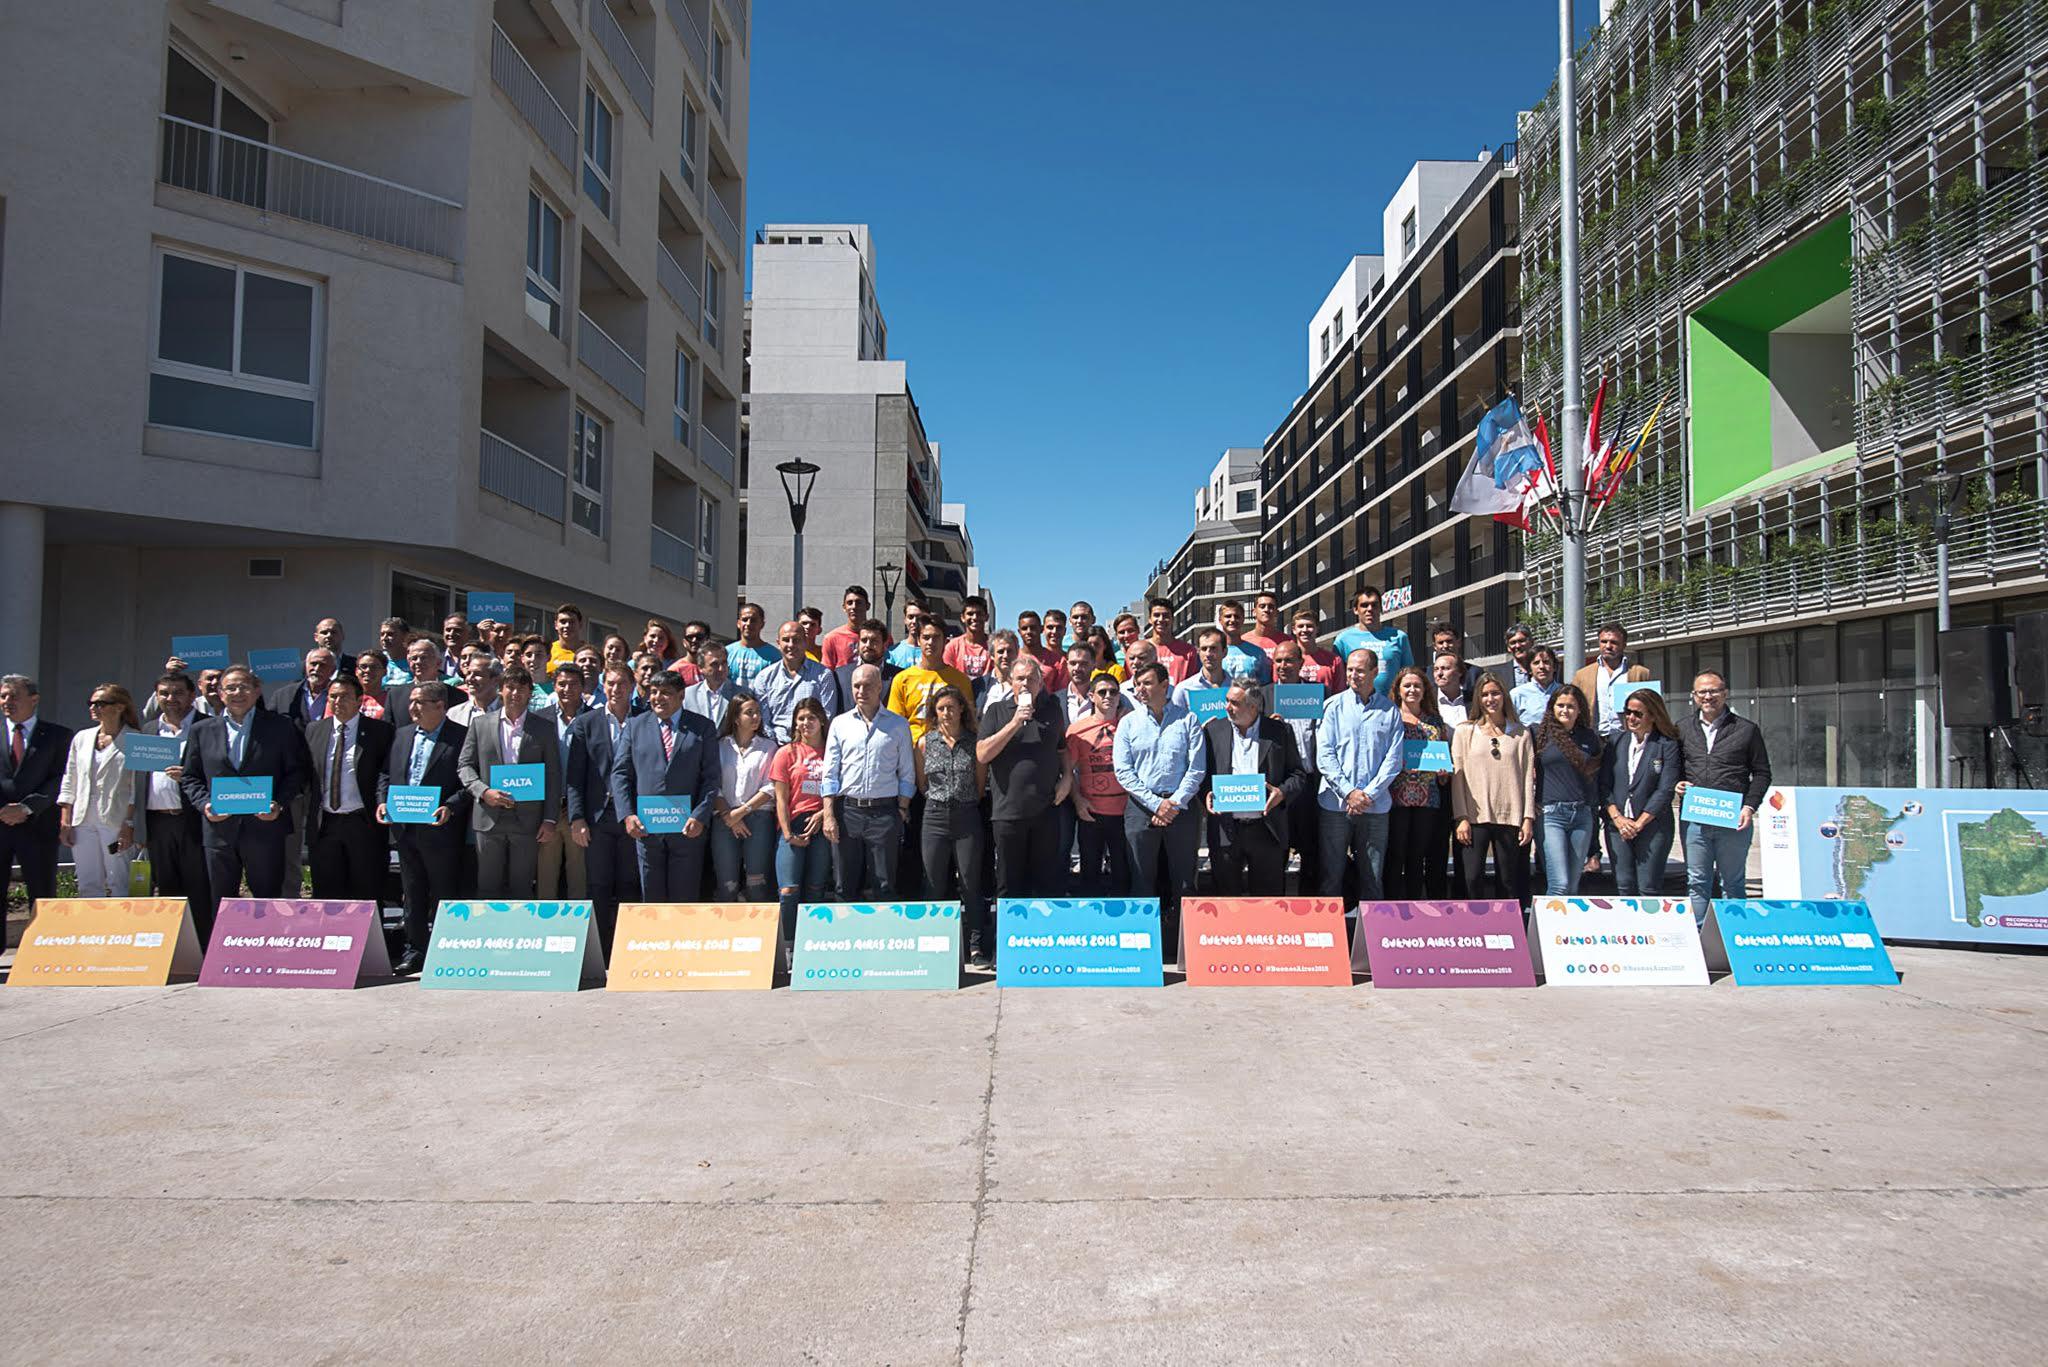 Juegos de la Juventud: San Juan recibirá la Antorcha Olímpica